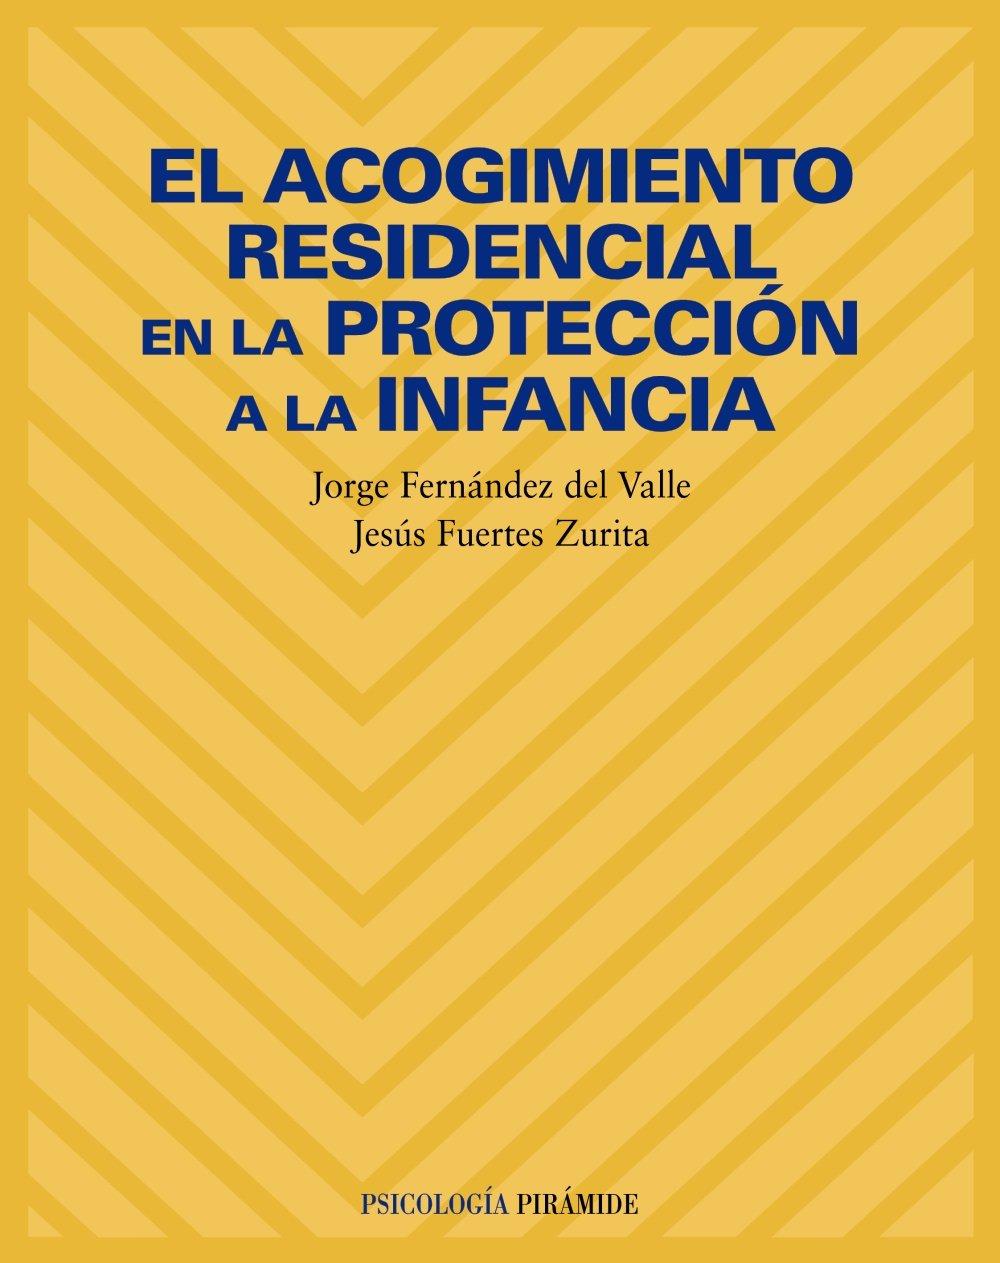 El acogimiento residencial en la protección a la infancia ...